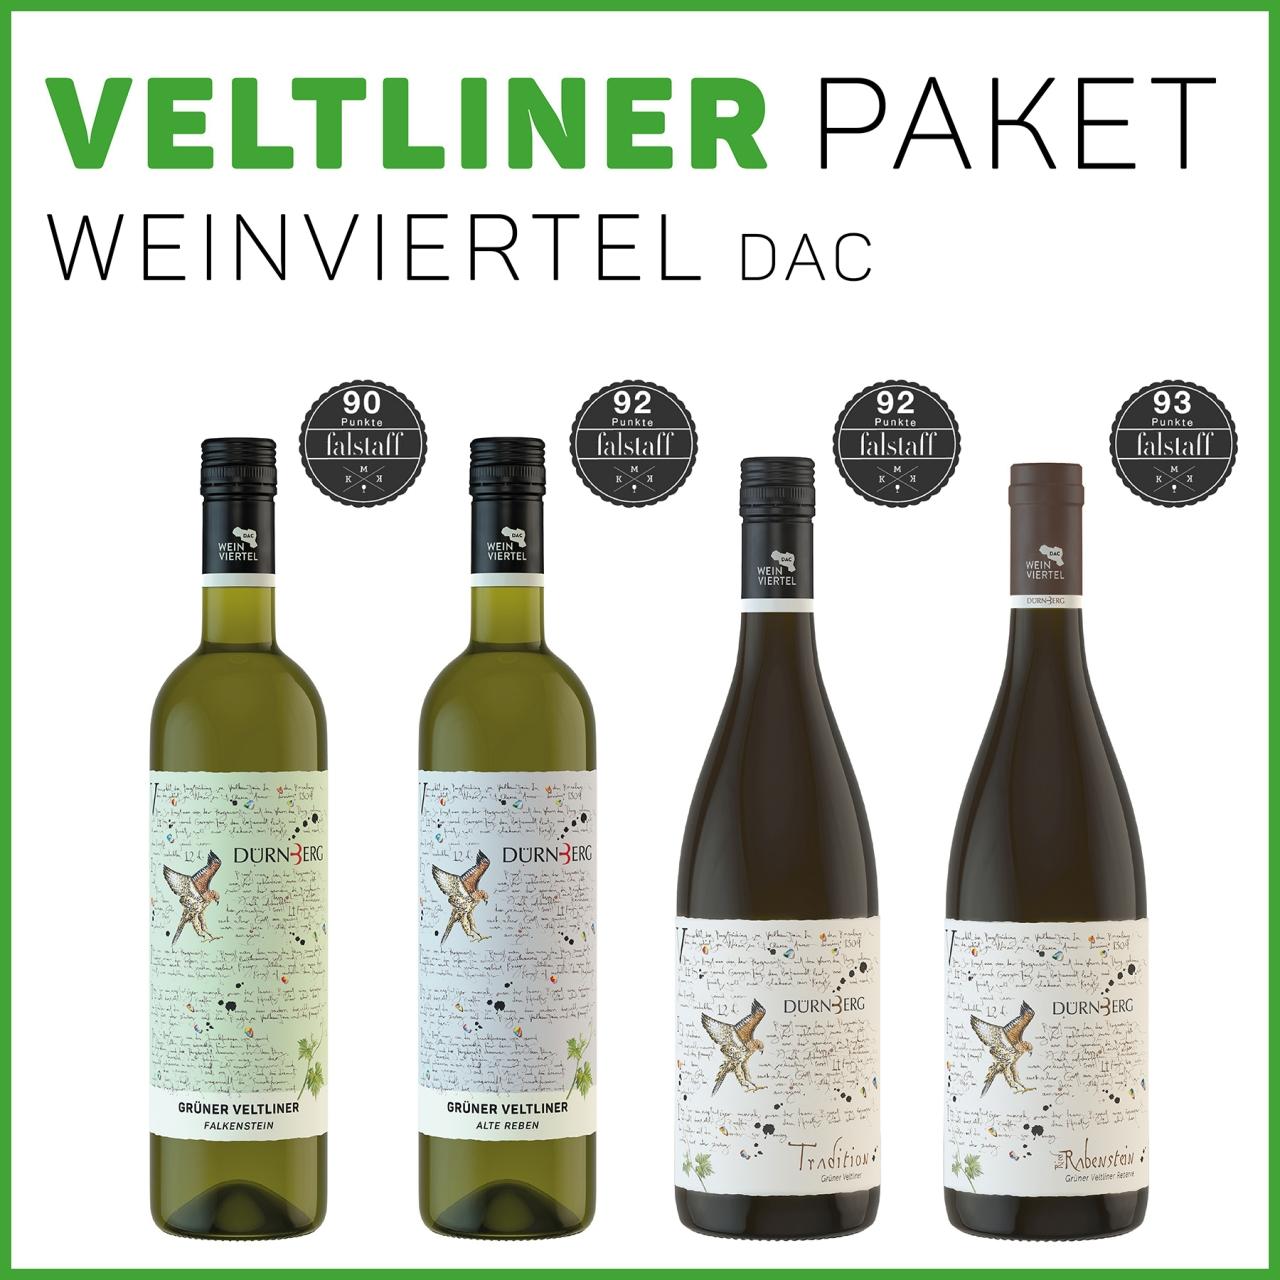 Veltliner Paket Weinviertel DAC